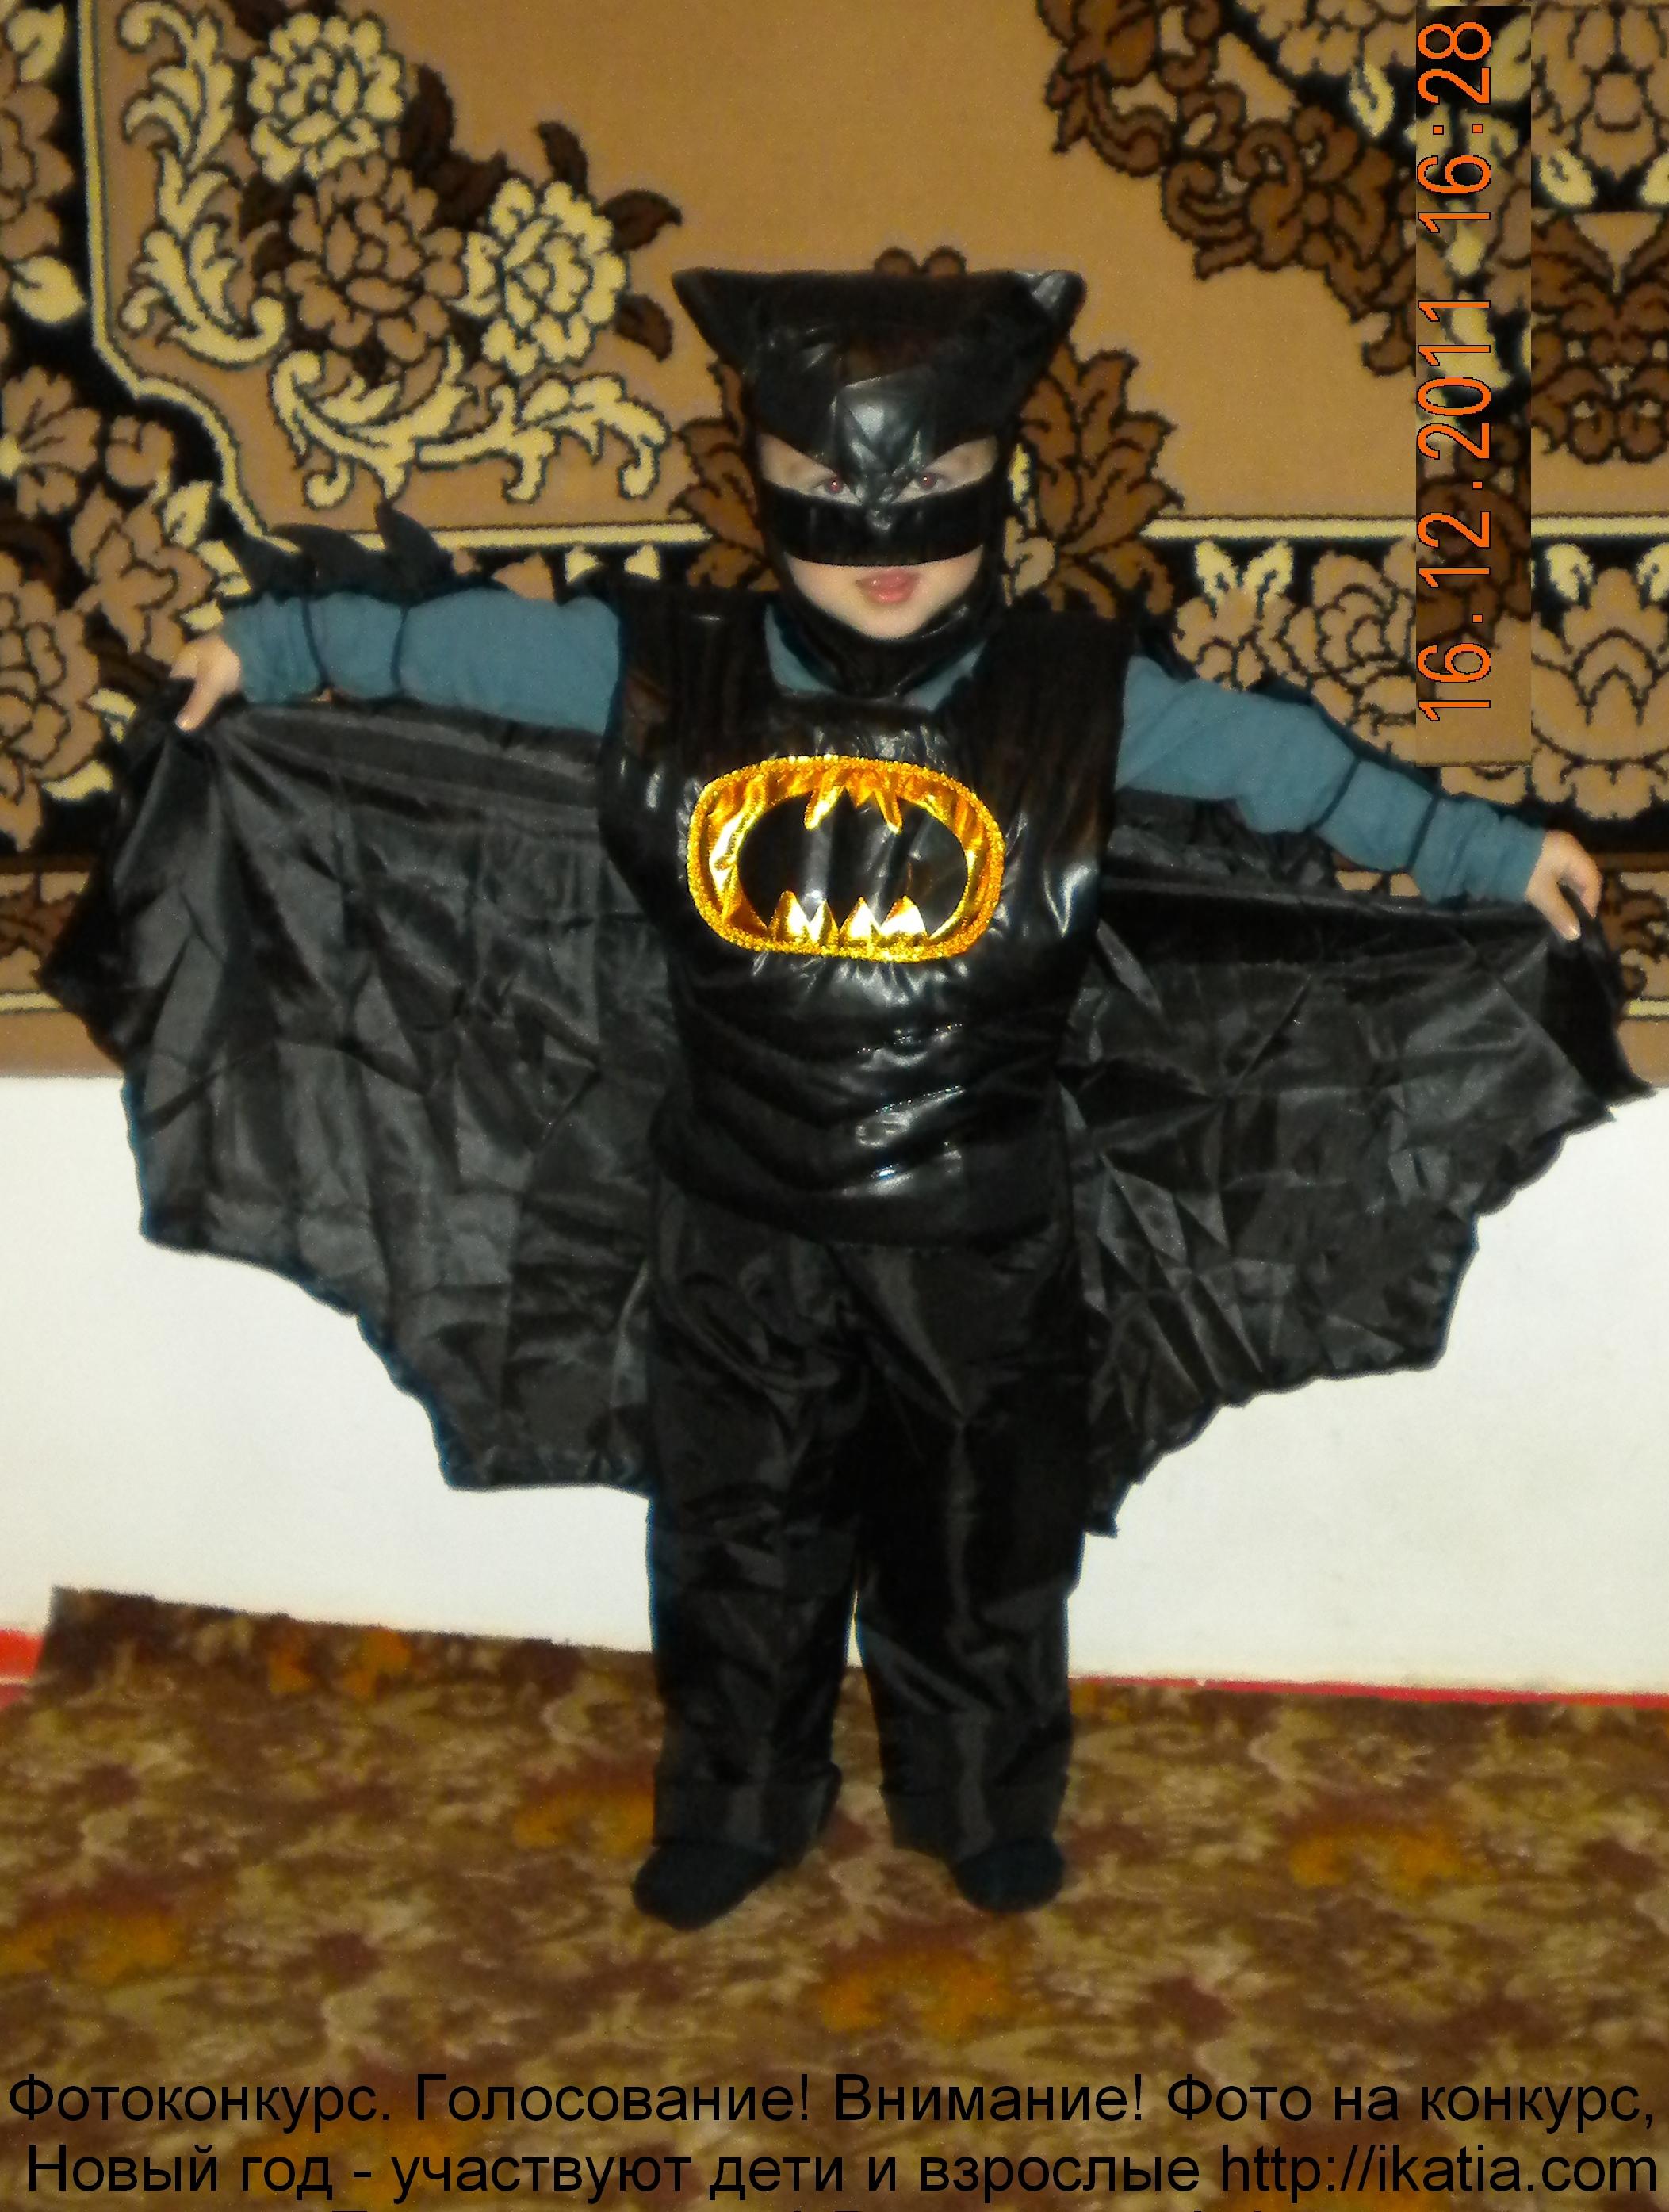 Костюм бэтмен для мальчика своими руками фото фото 256